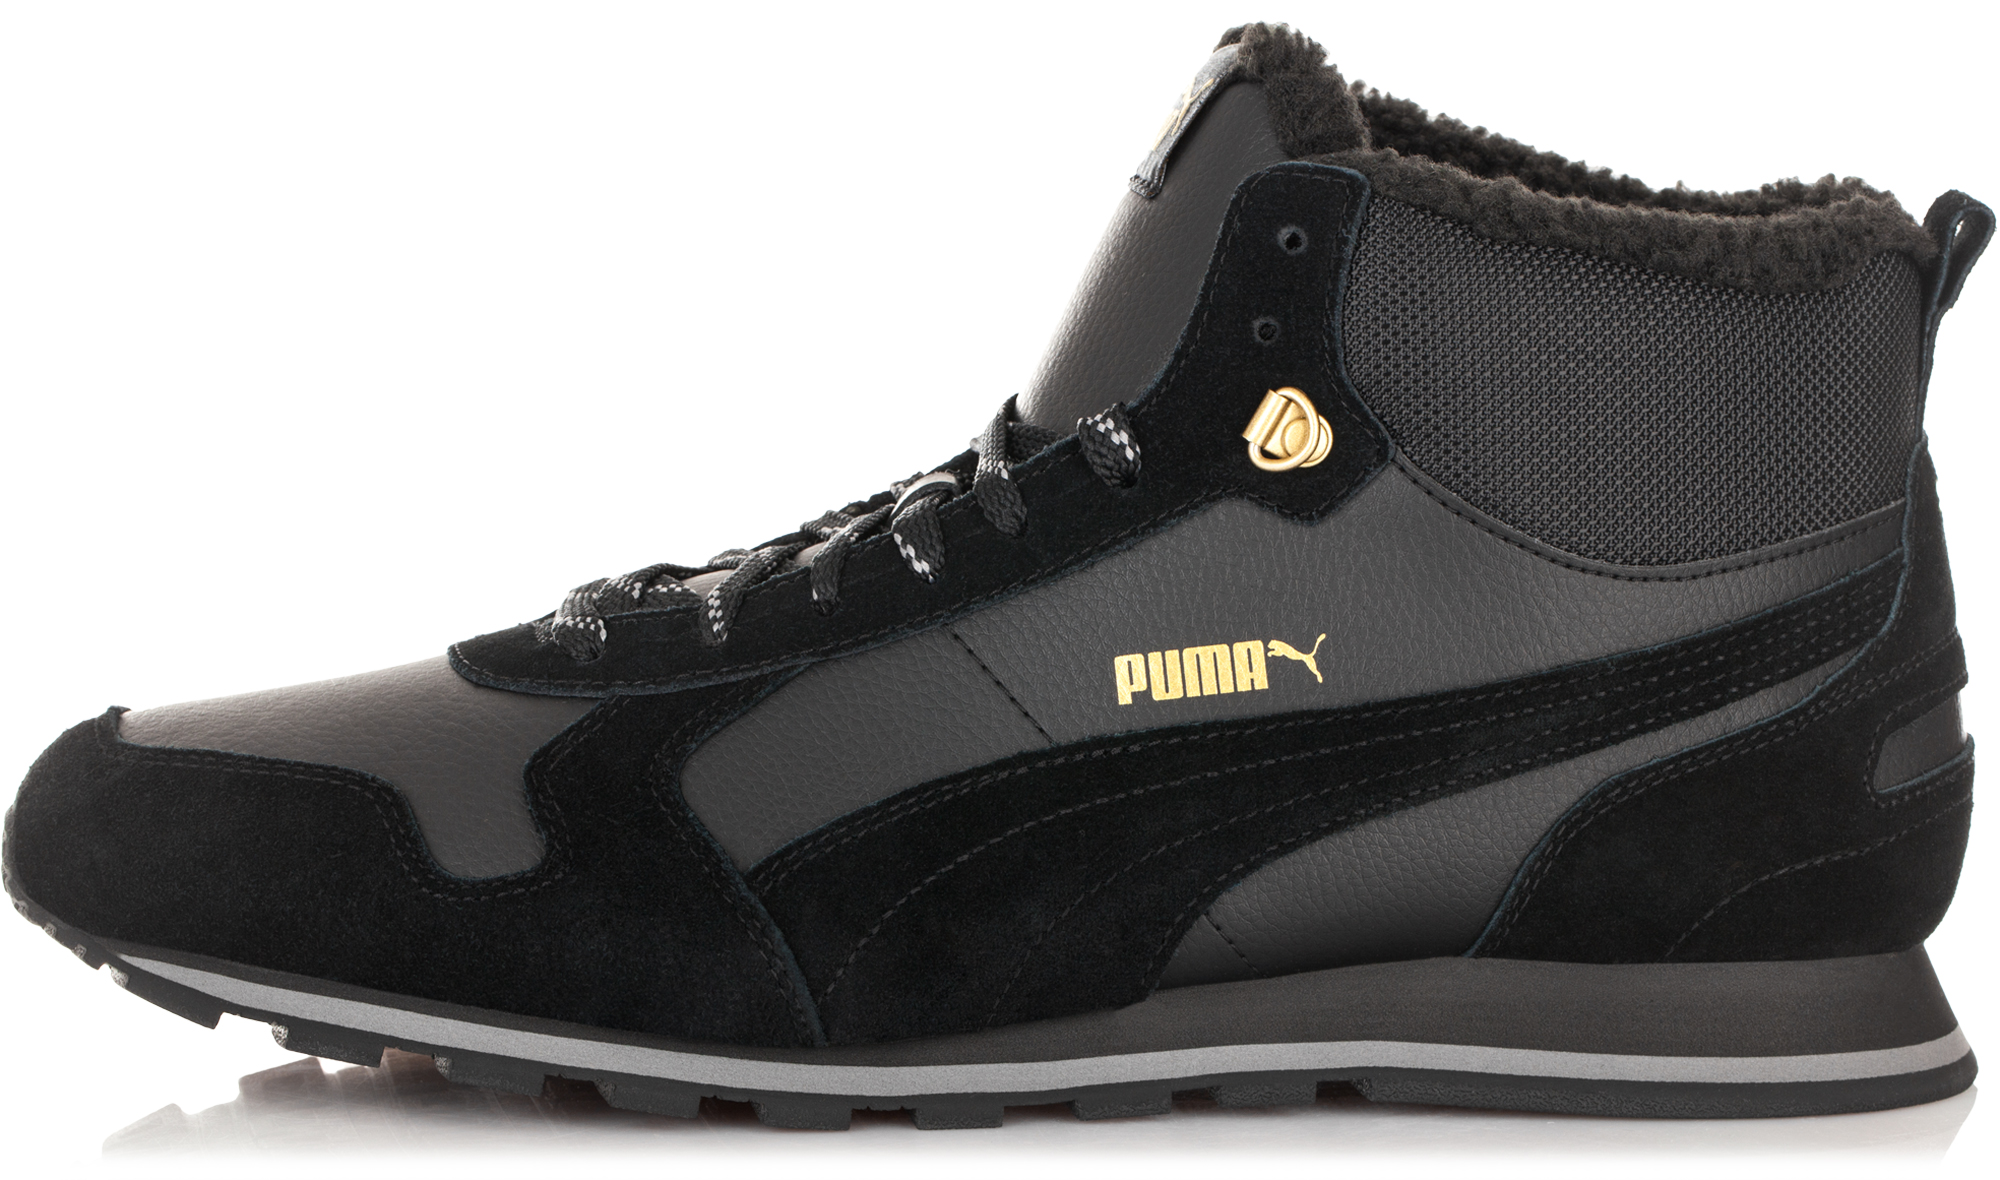 Puma Кроссовки мужские  ST Runner Mid Fur, размер 46